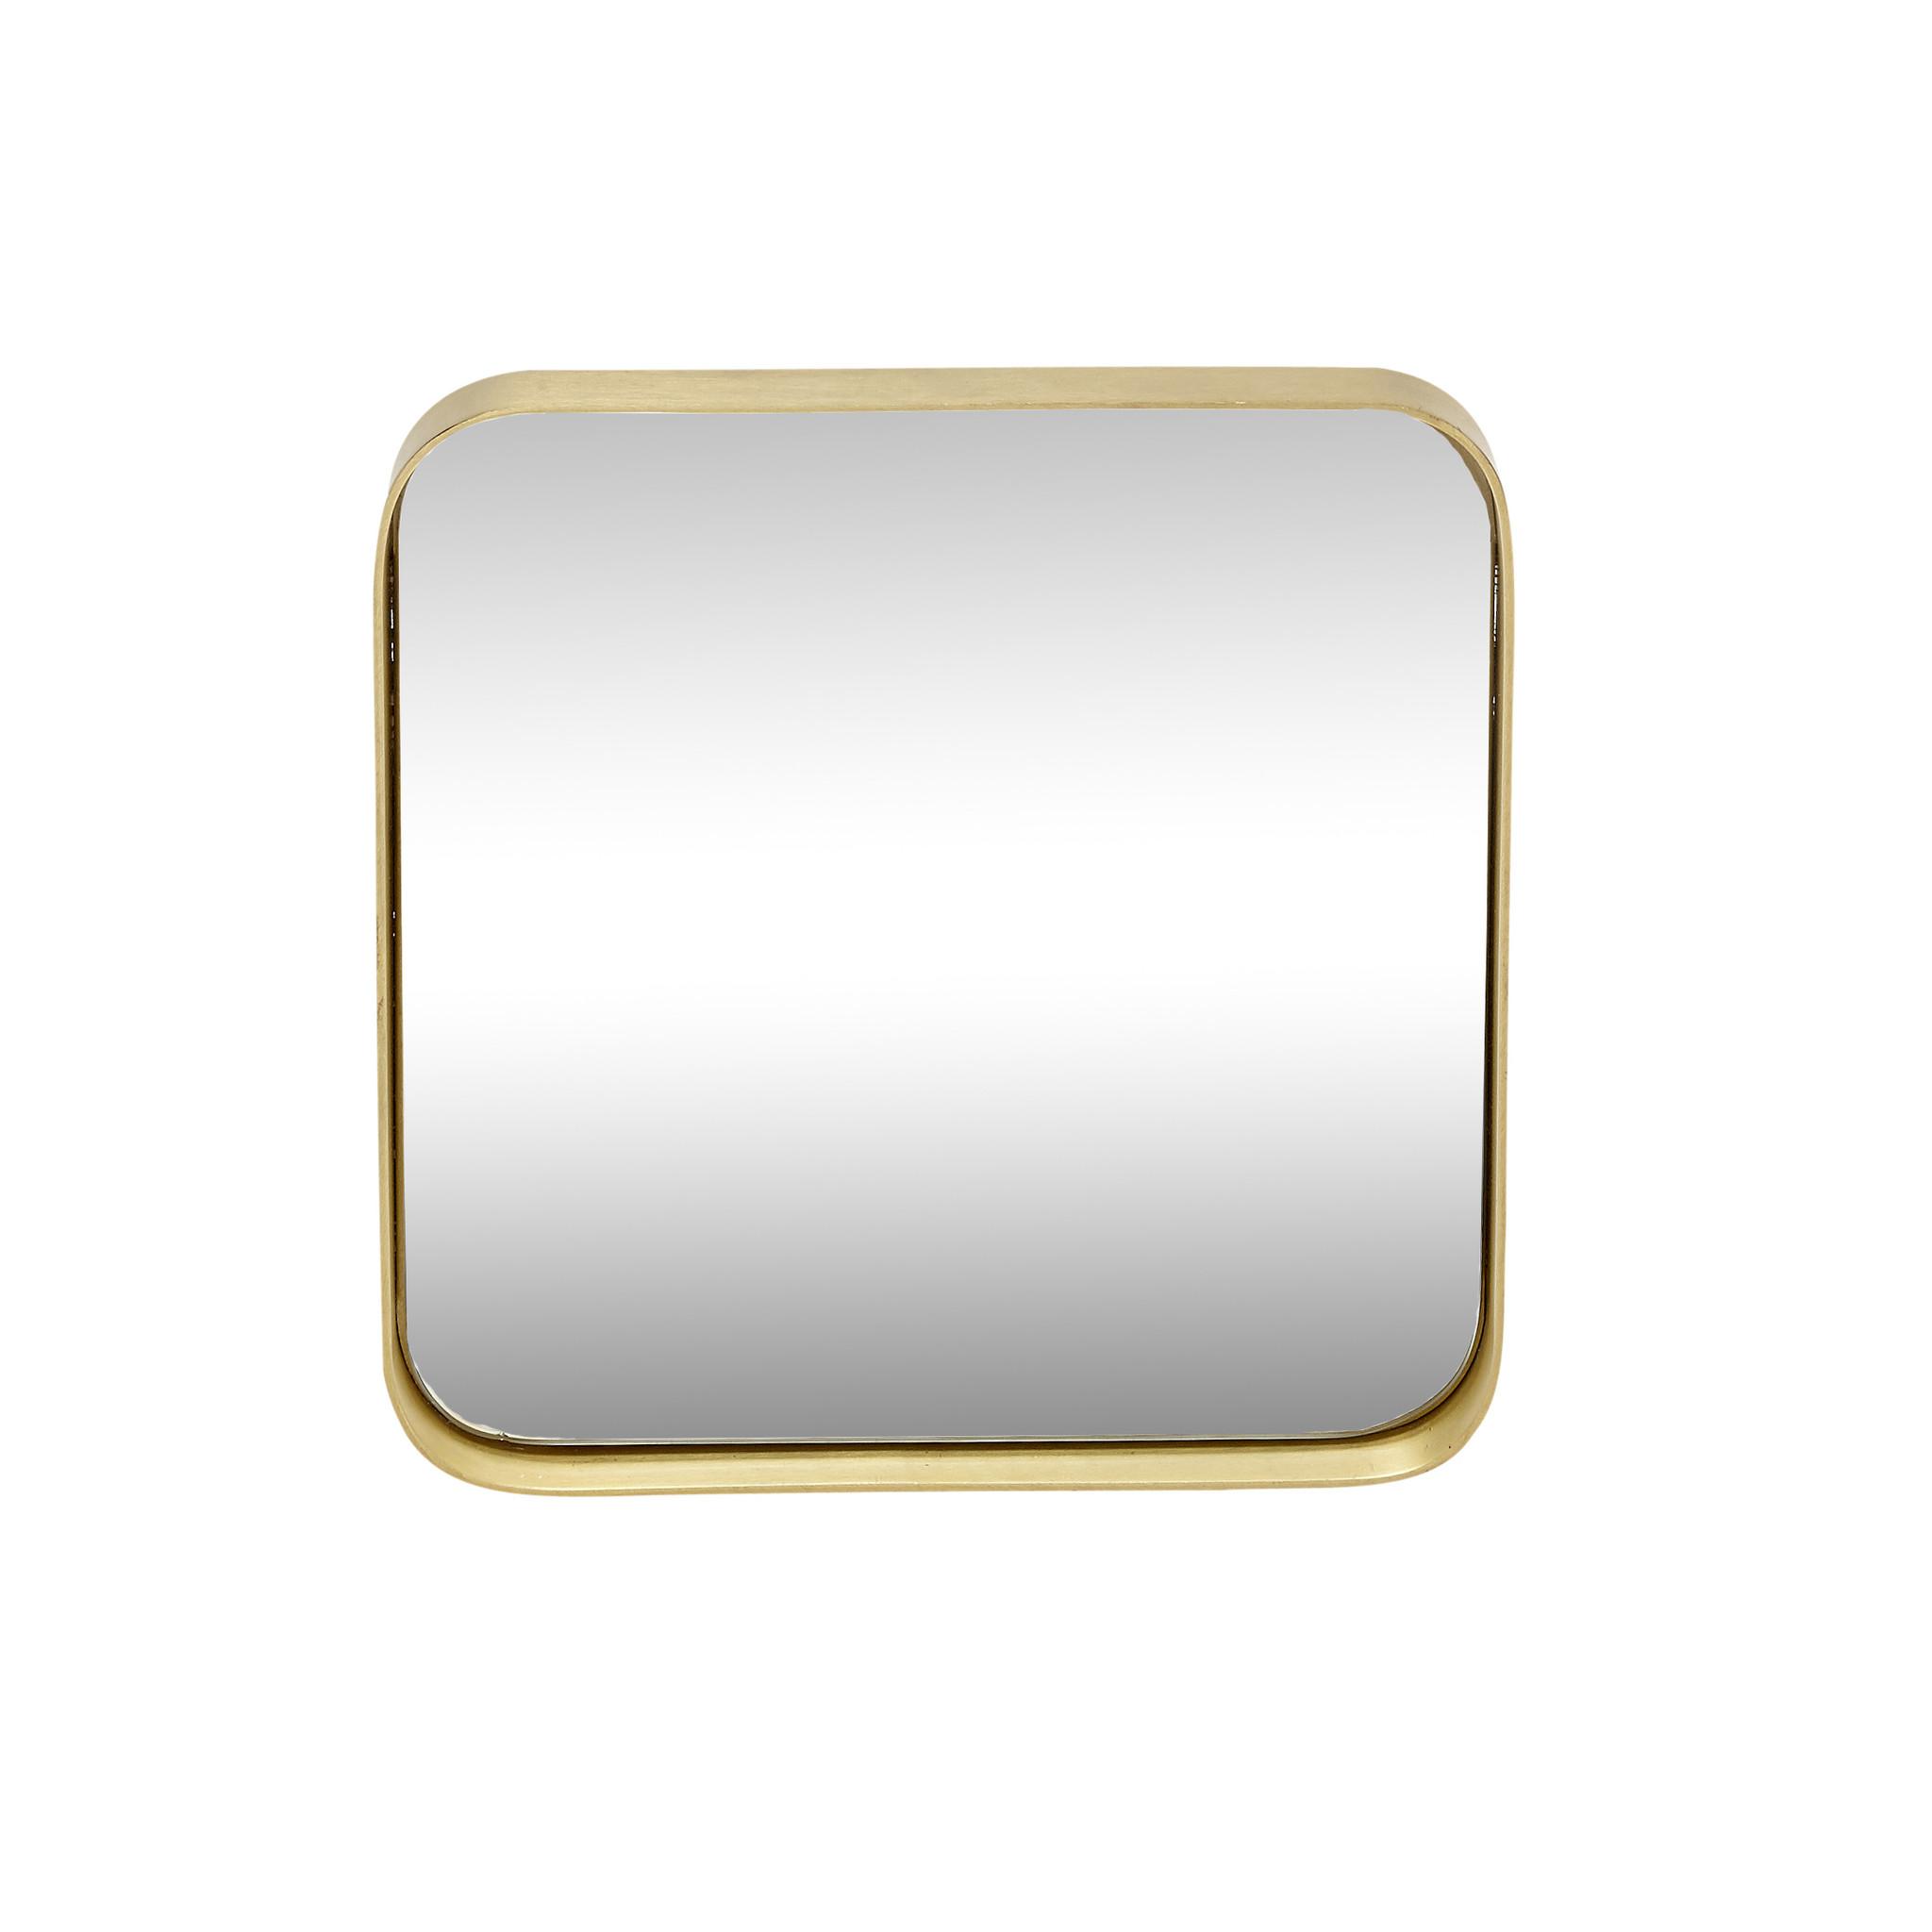 Hubsch Wandspiegel met messing frame, vierkant, klein-340107-5712772041062